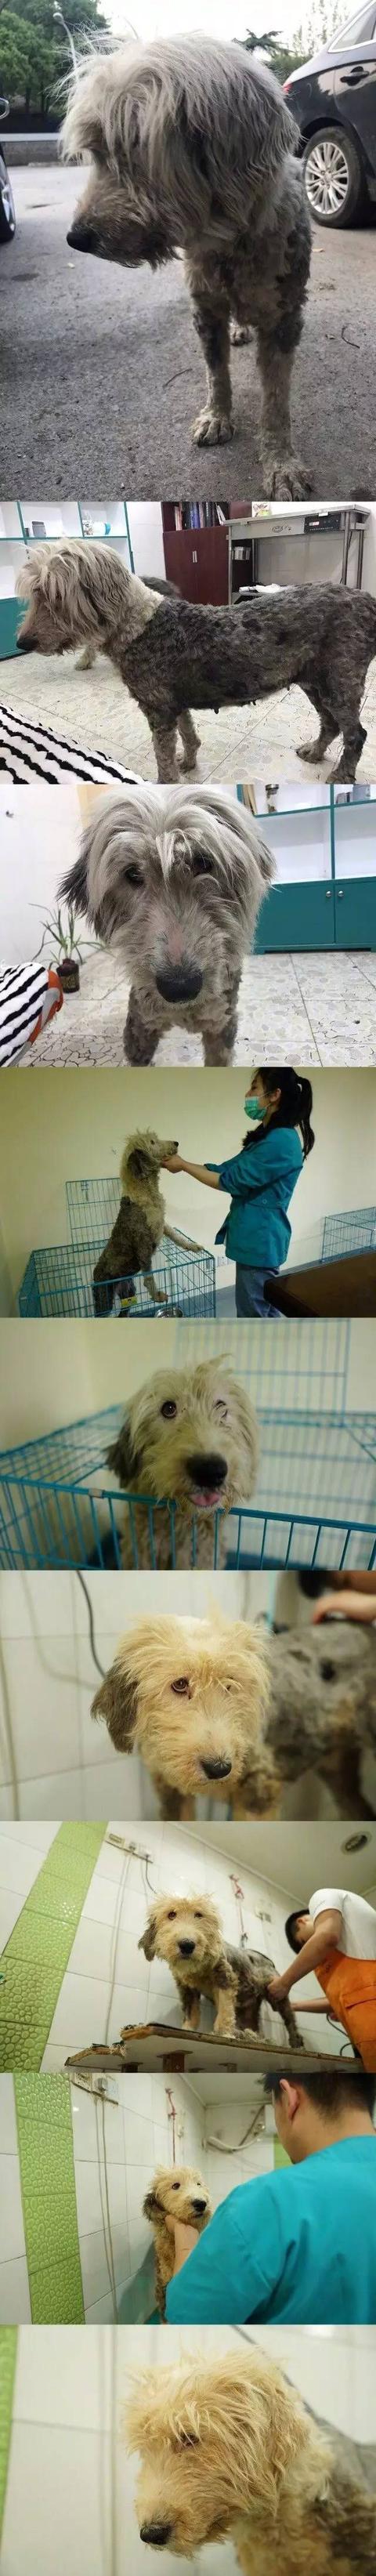 这只流浪狗被救助后,居然笑的这么好看!